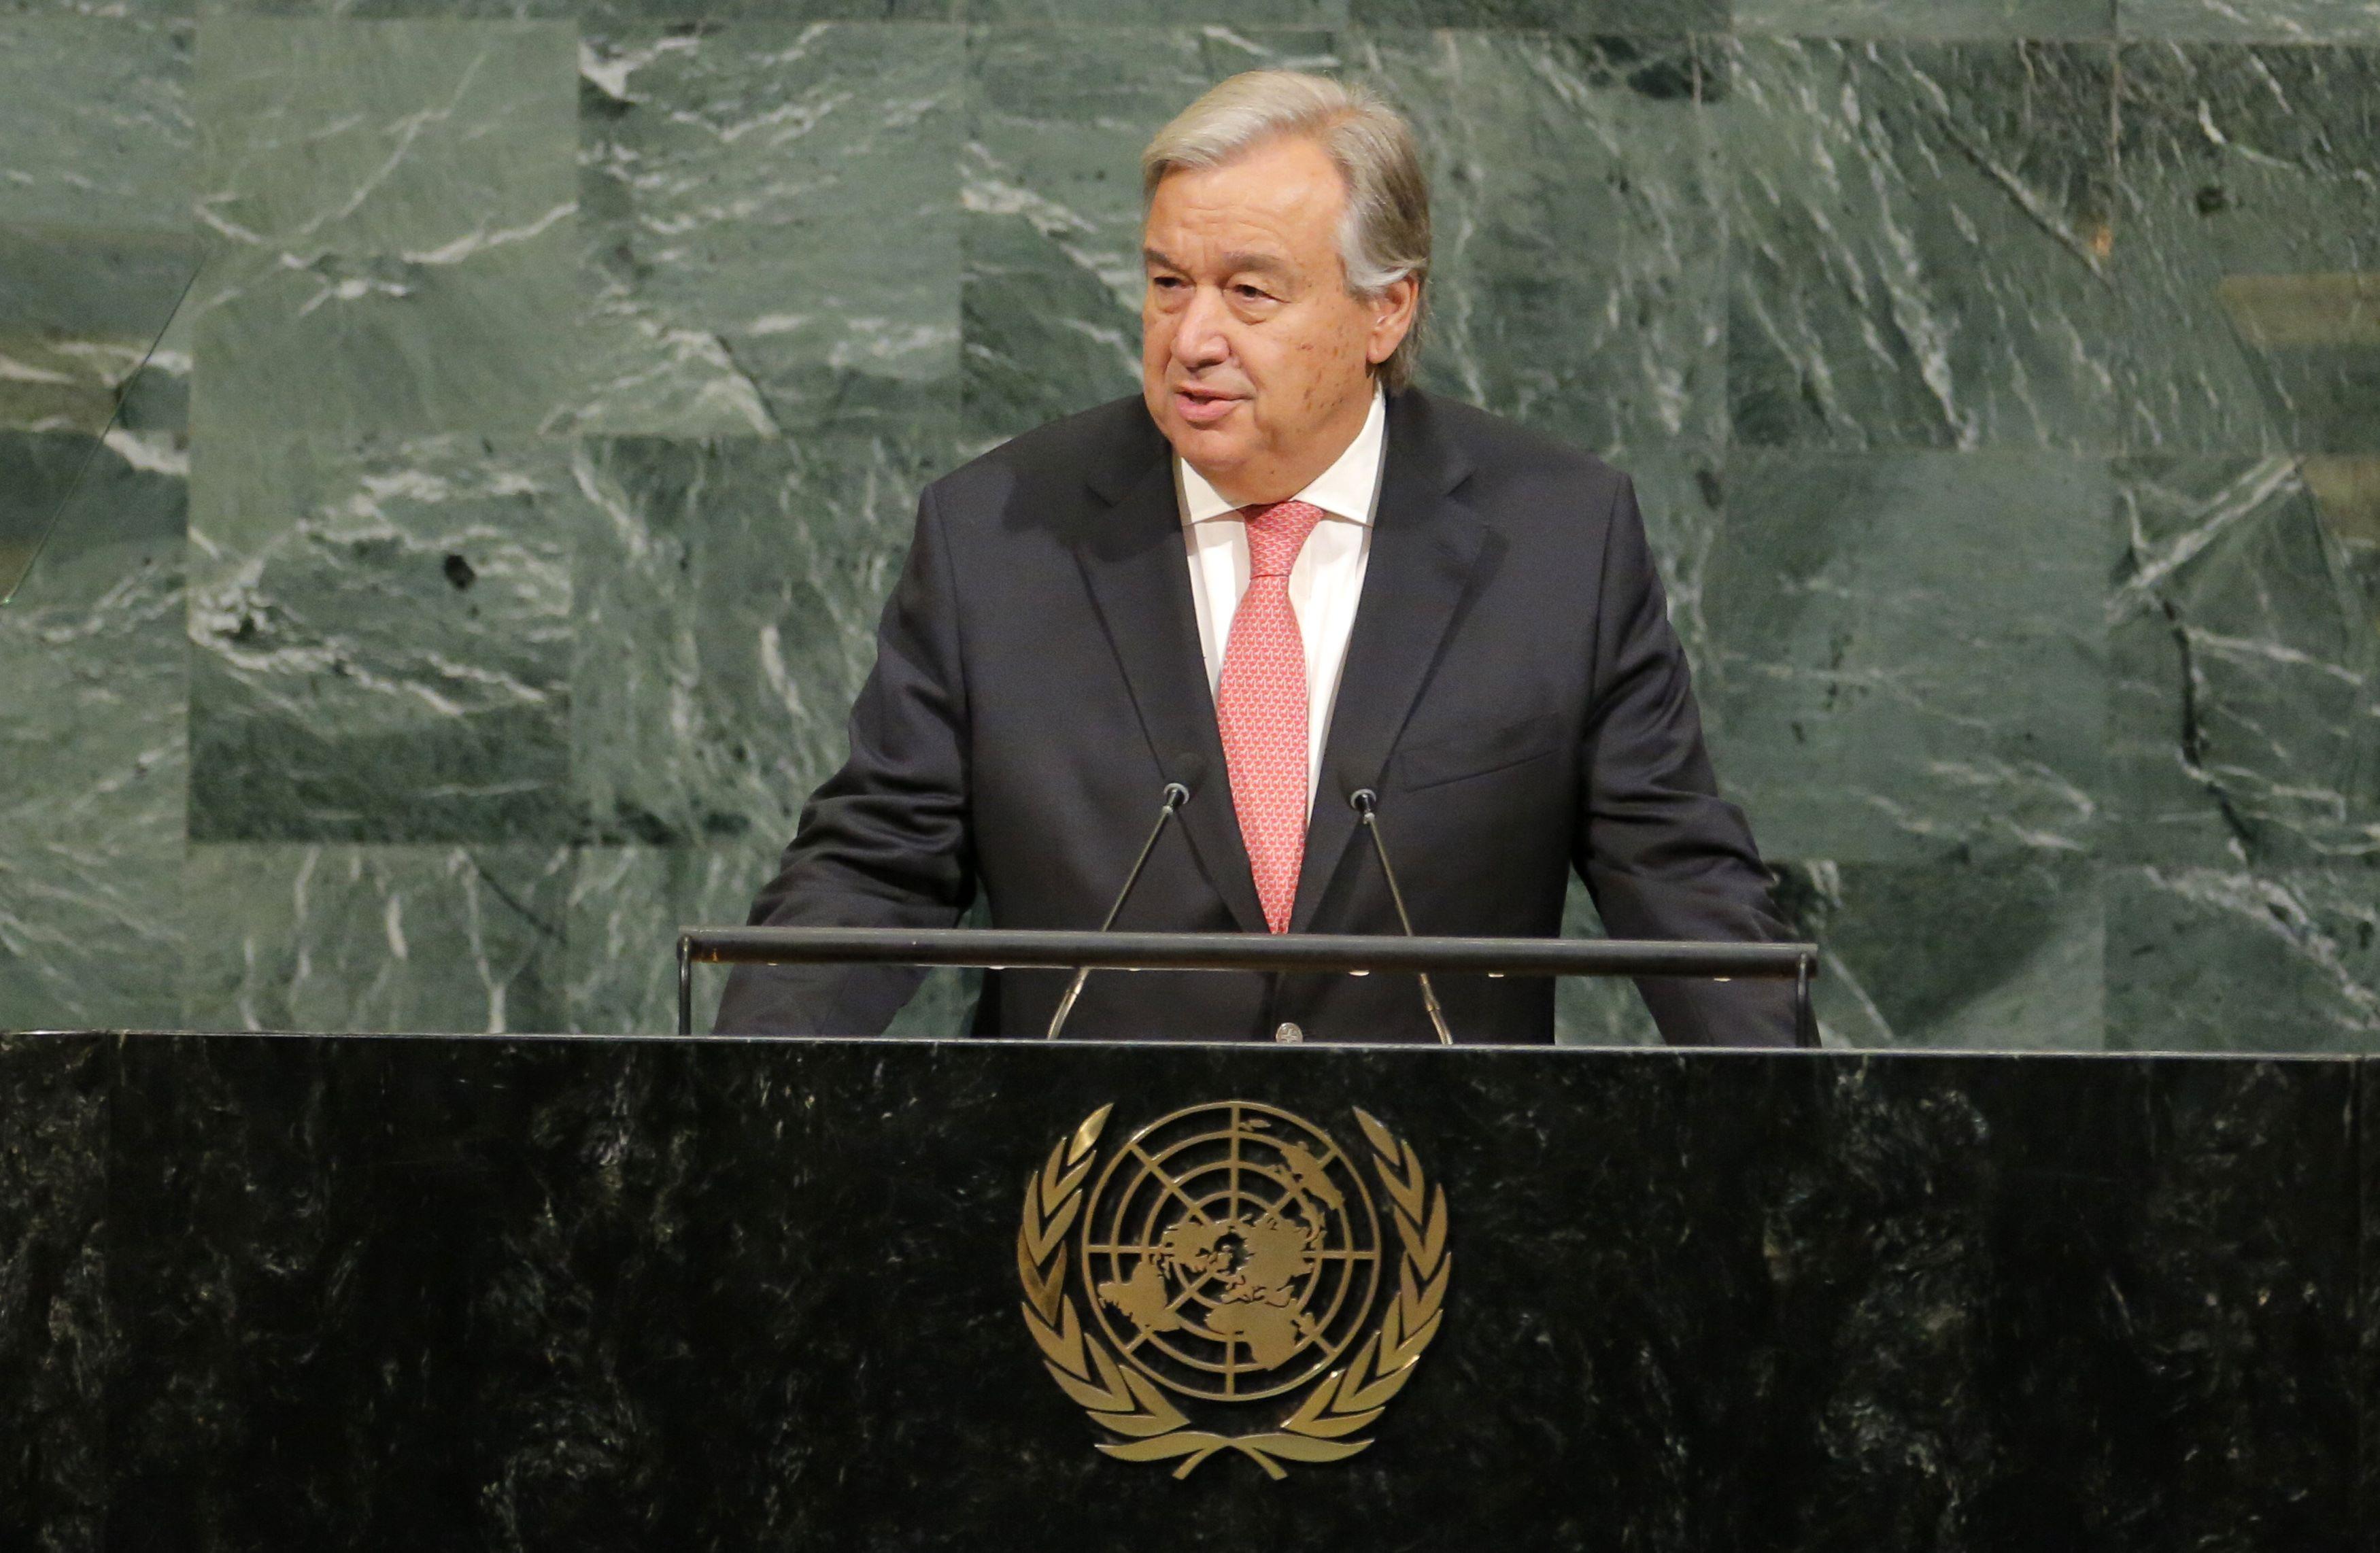 UN Secretary General Guterres to Brief the Security Council on Myanmar